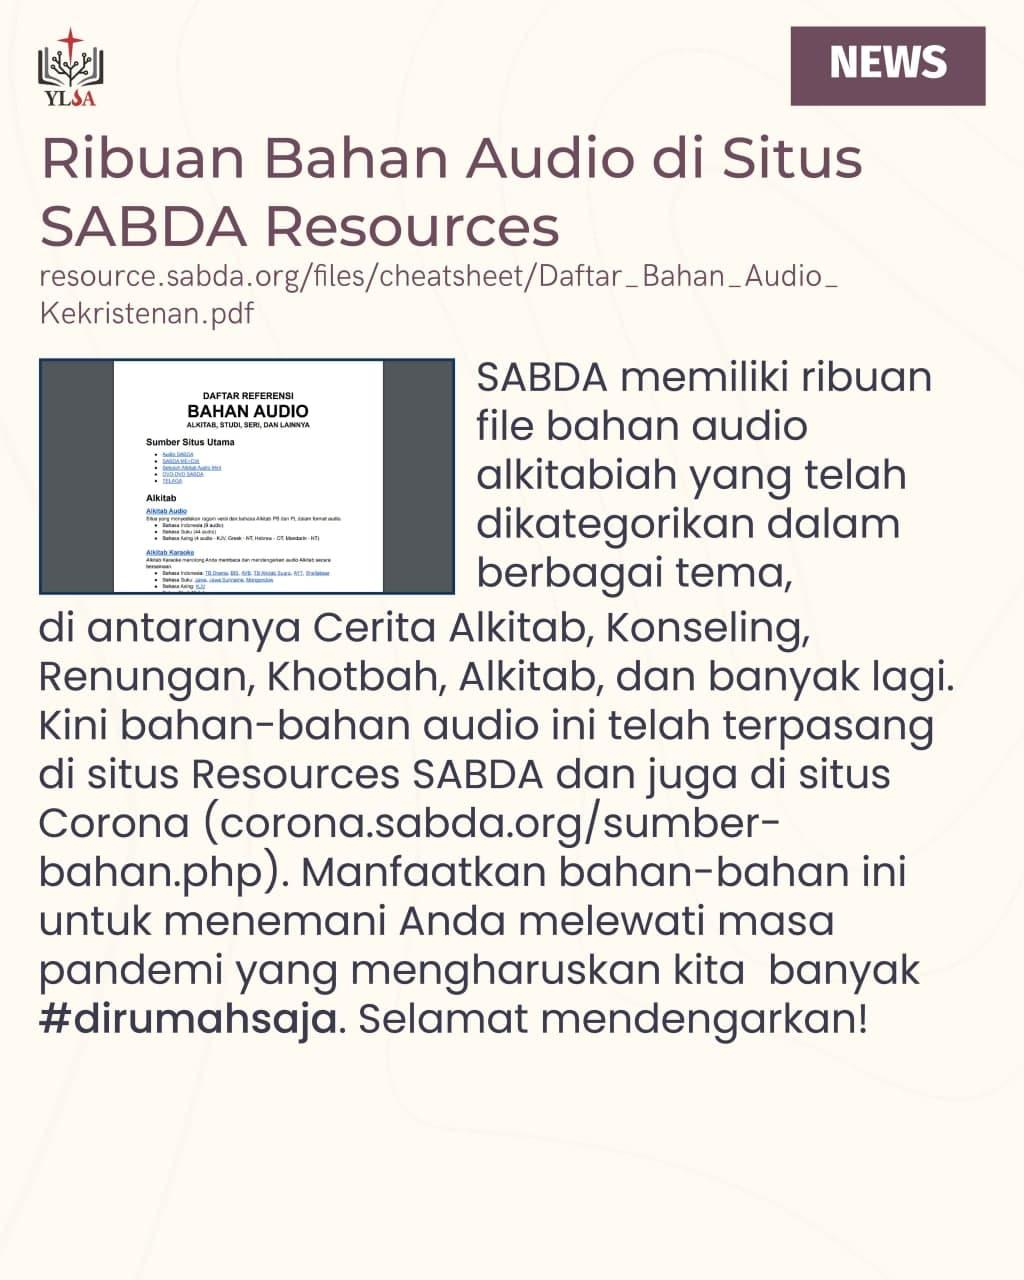 SABDA memiliki ribuan file bahan audio alkitabiah yang telah dikategorikan dalam berbagai tema.